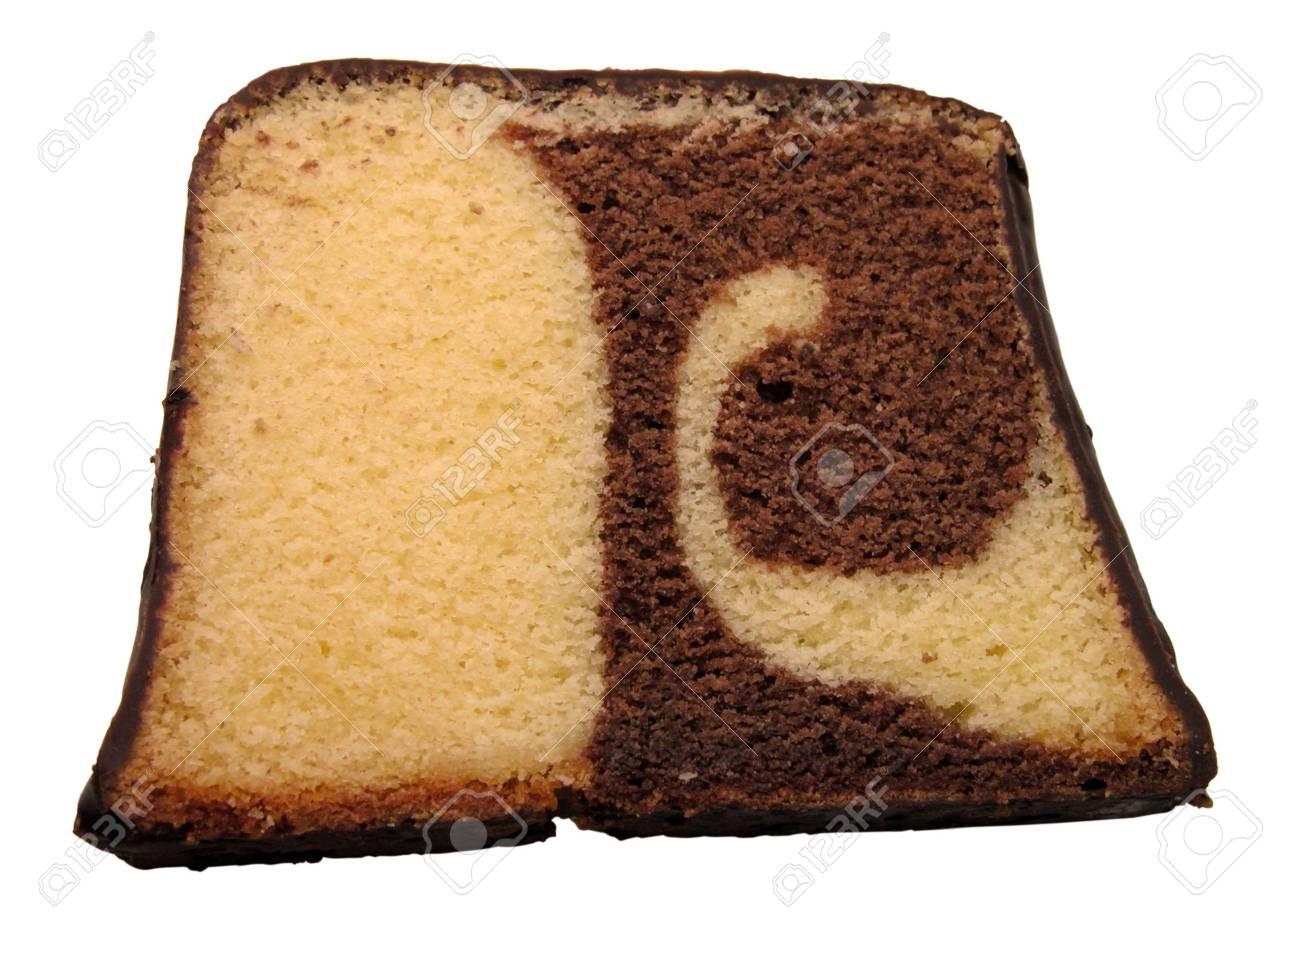 Ein Stuck Trockenen Kuchen Isoliert Uber Weissem Hintergrund